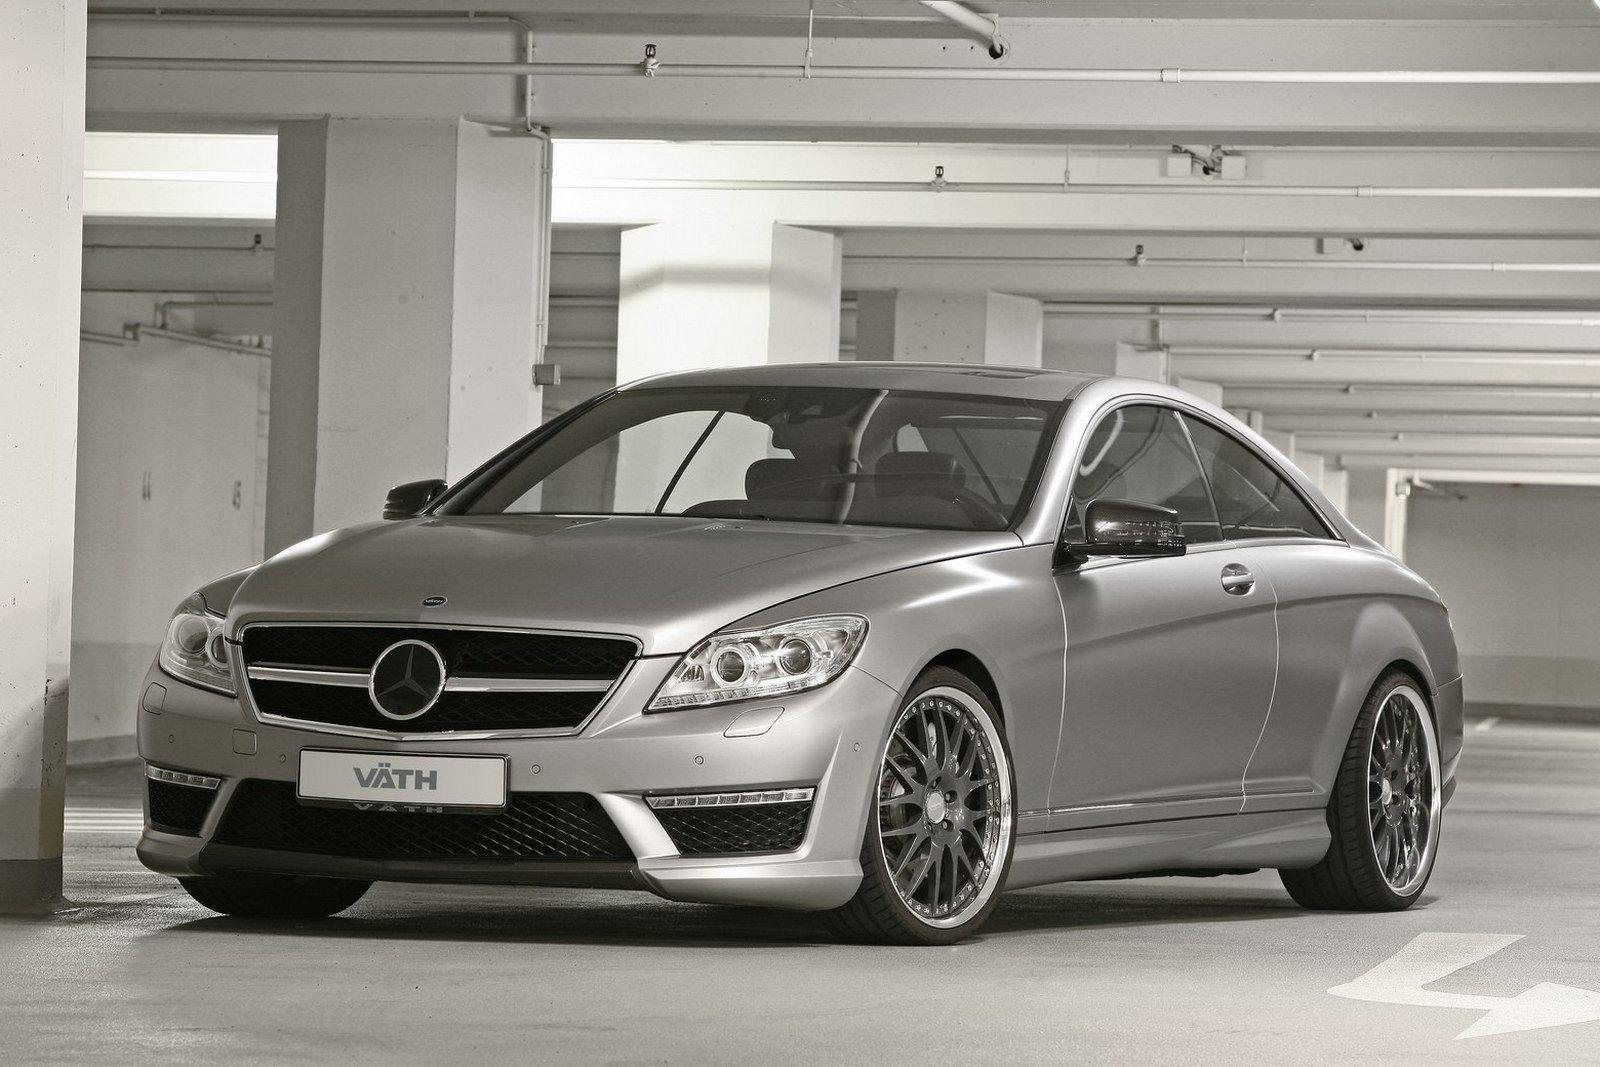 Mercedes-Benz CL-klasse AMG II (C216) 2006 - 2010 Coupe-Hardtop #1